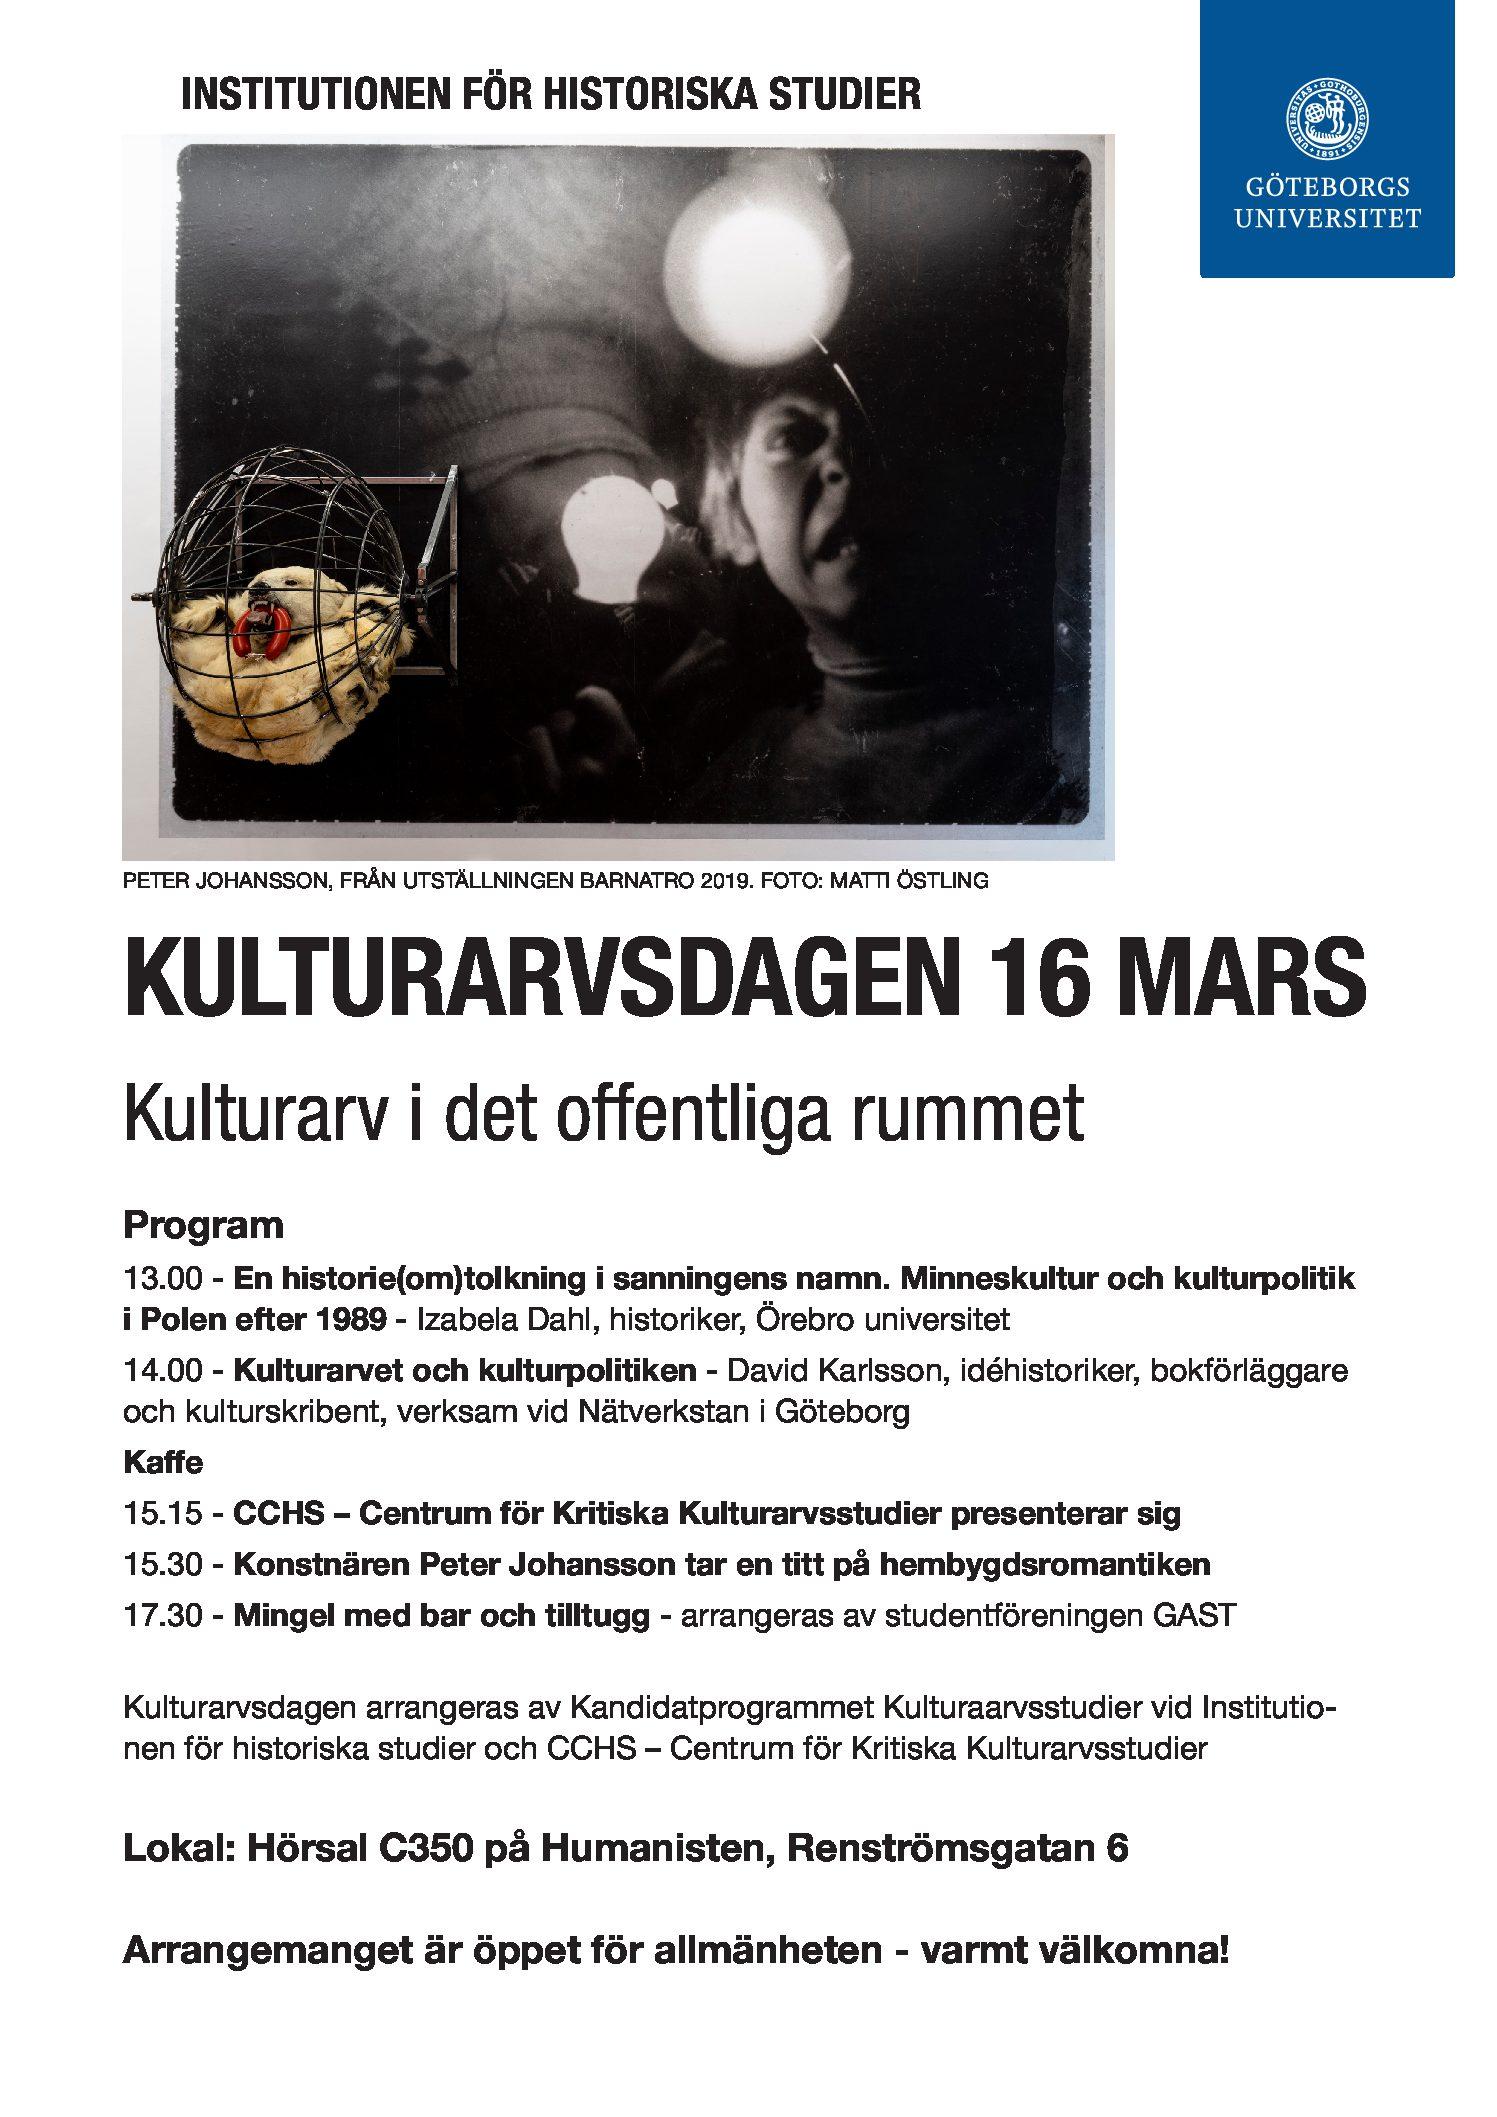 Kulturarvsdag 16 mars